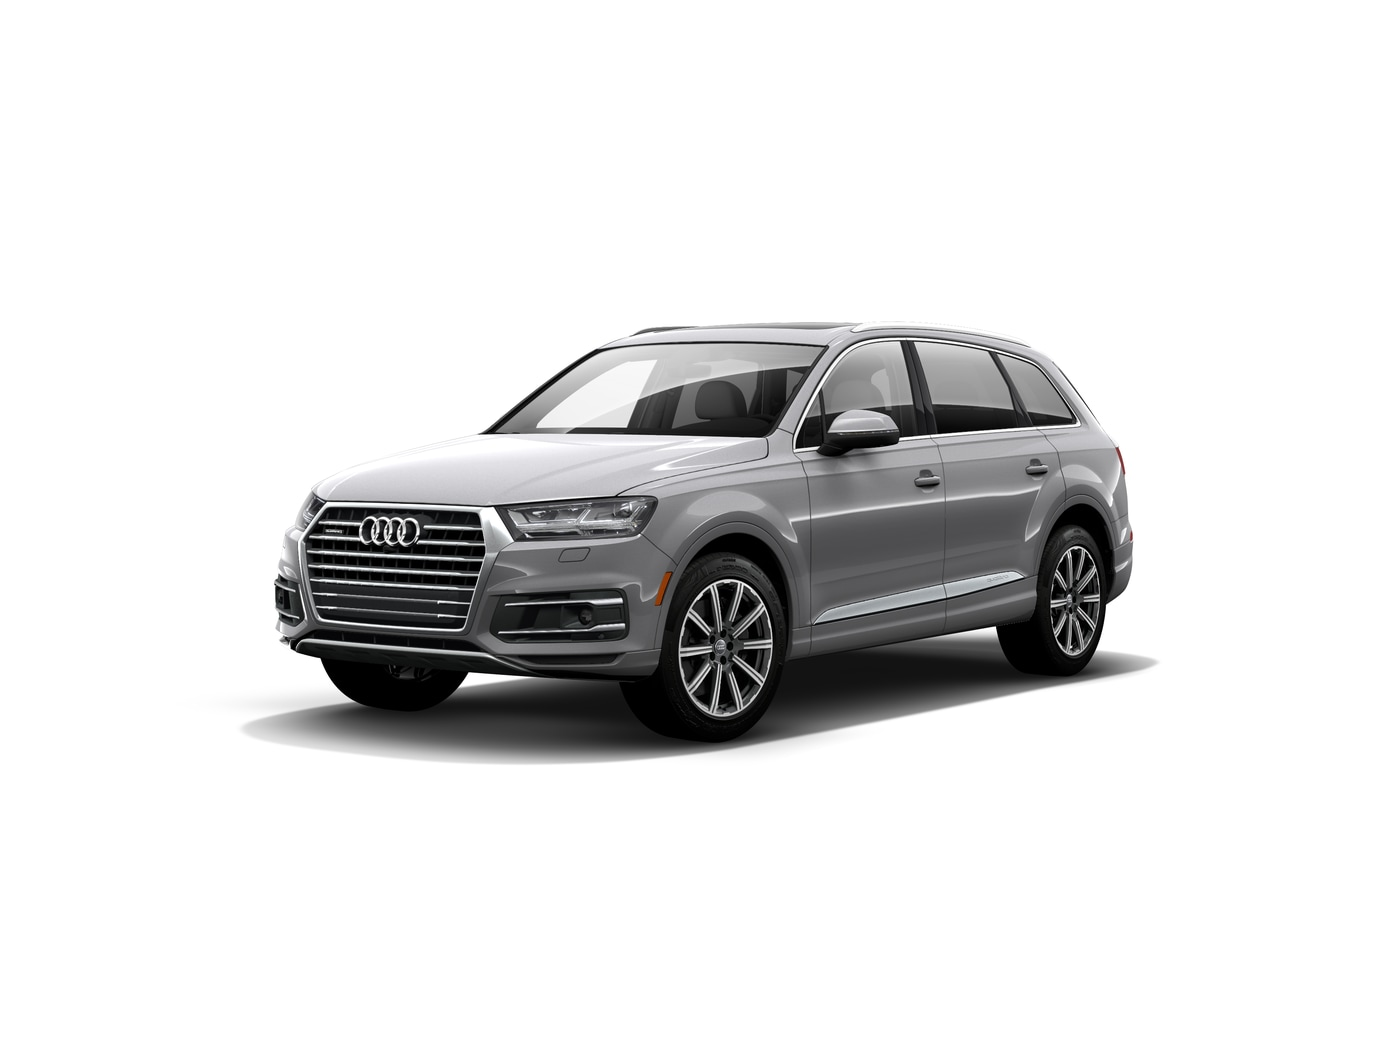 New 2018 Audi Q7 3.0T Premium Plus SUV in East Hartford